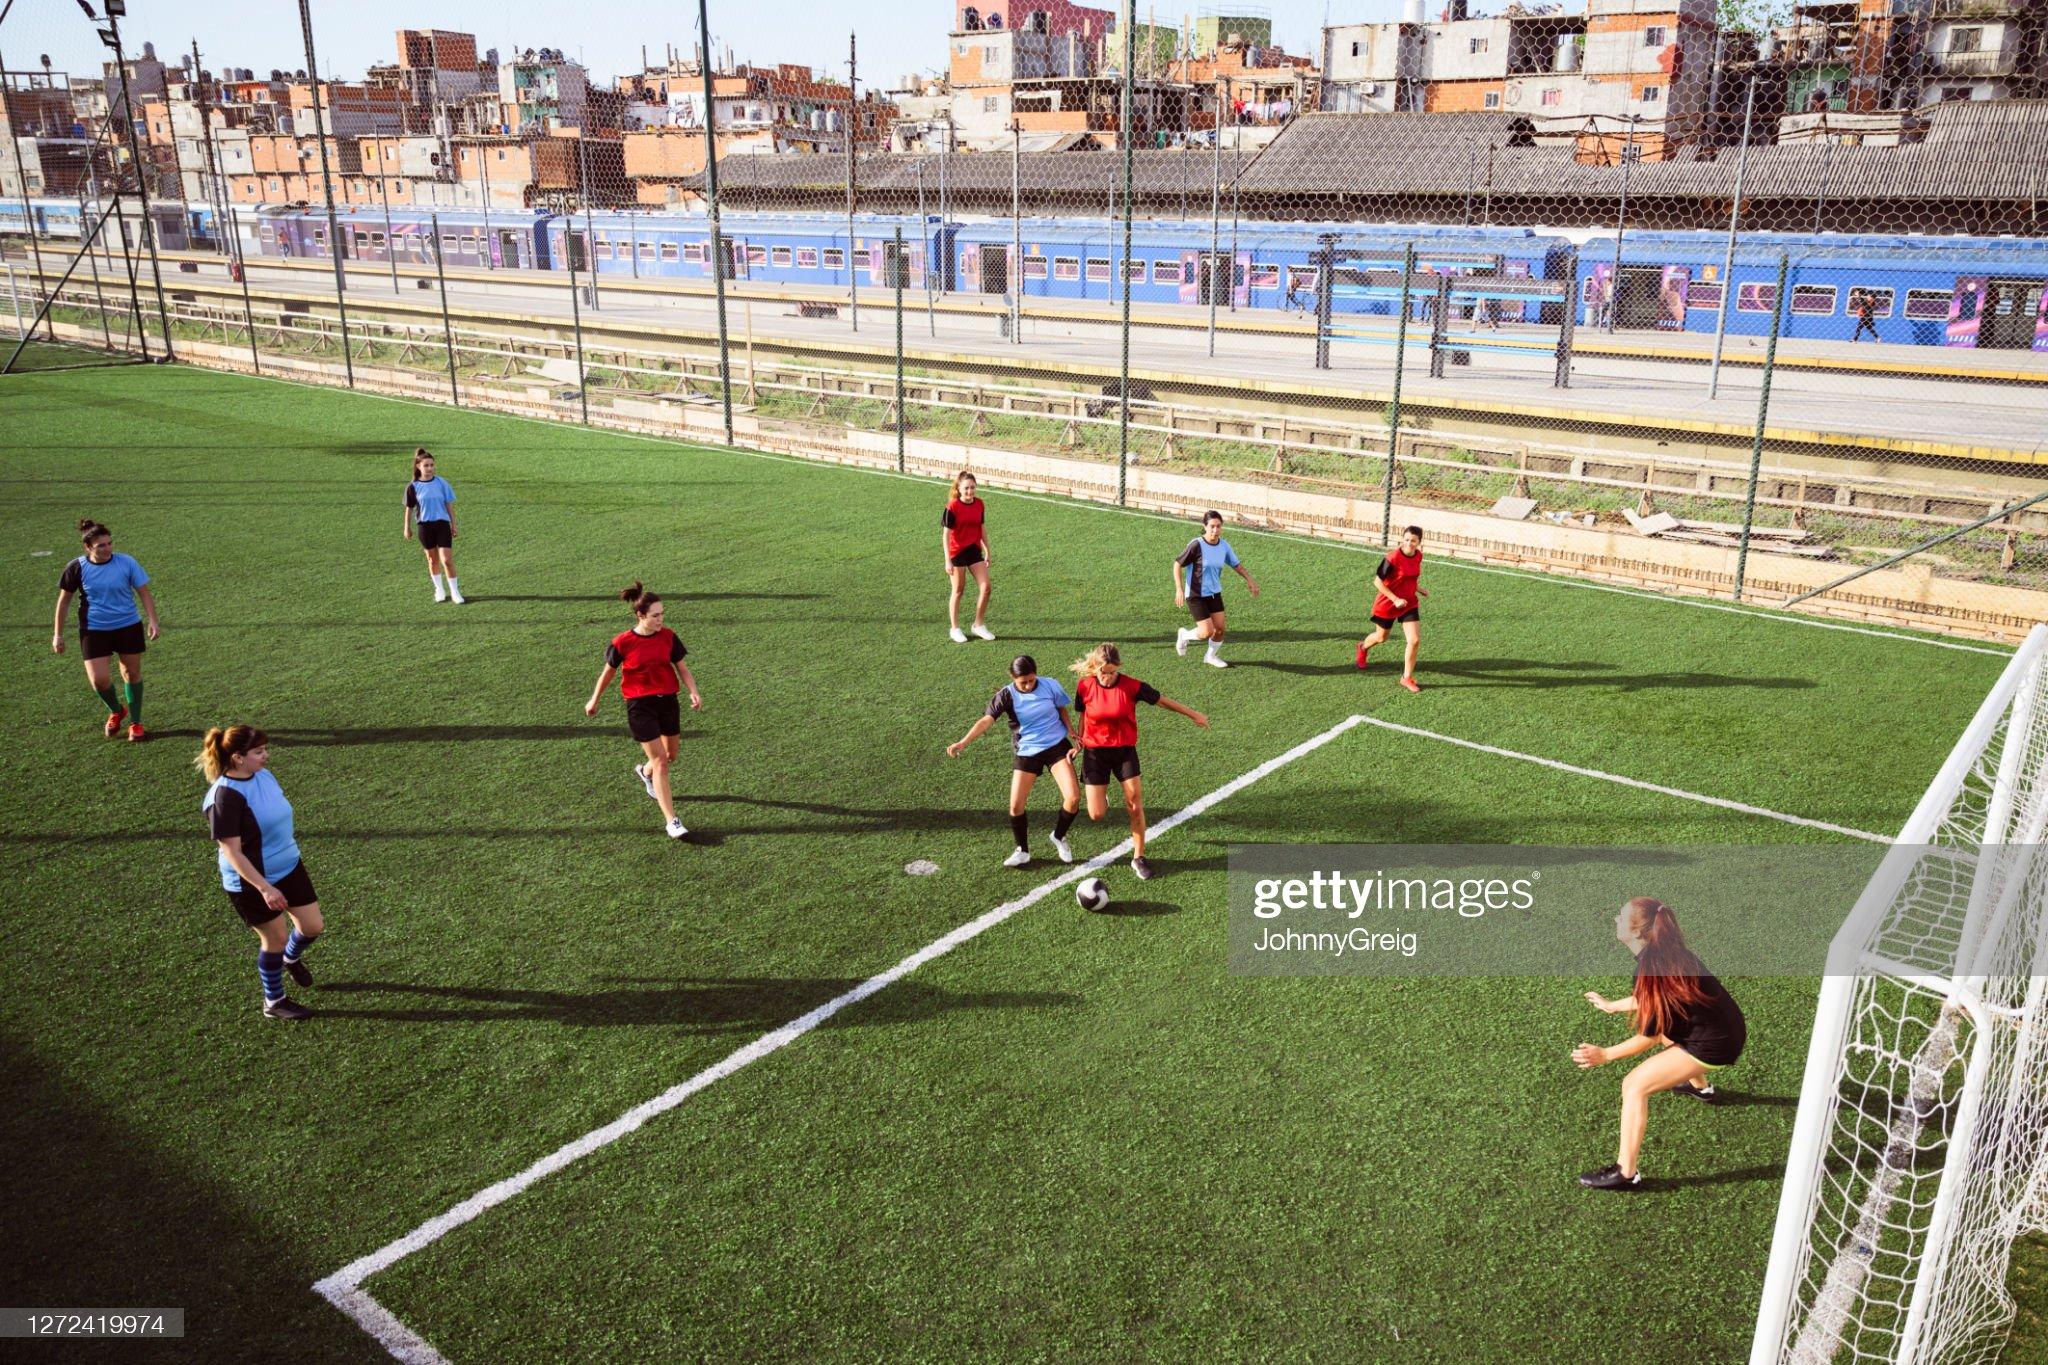 20 和 30 歲的女足球員打練習賽。 : 圖庫照片